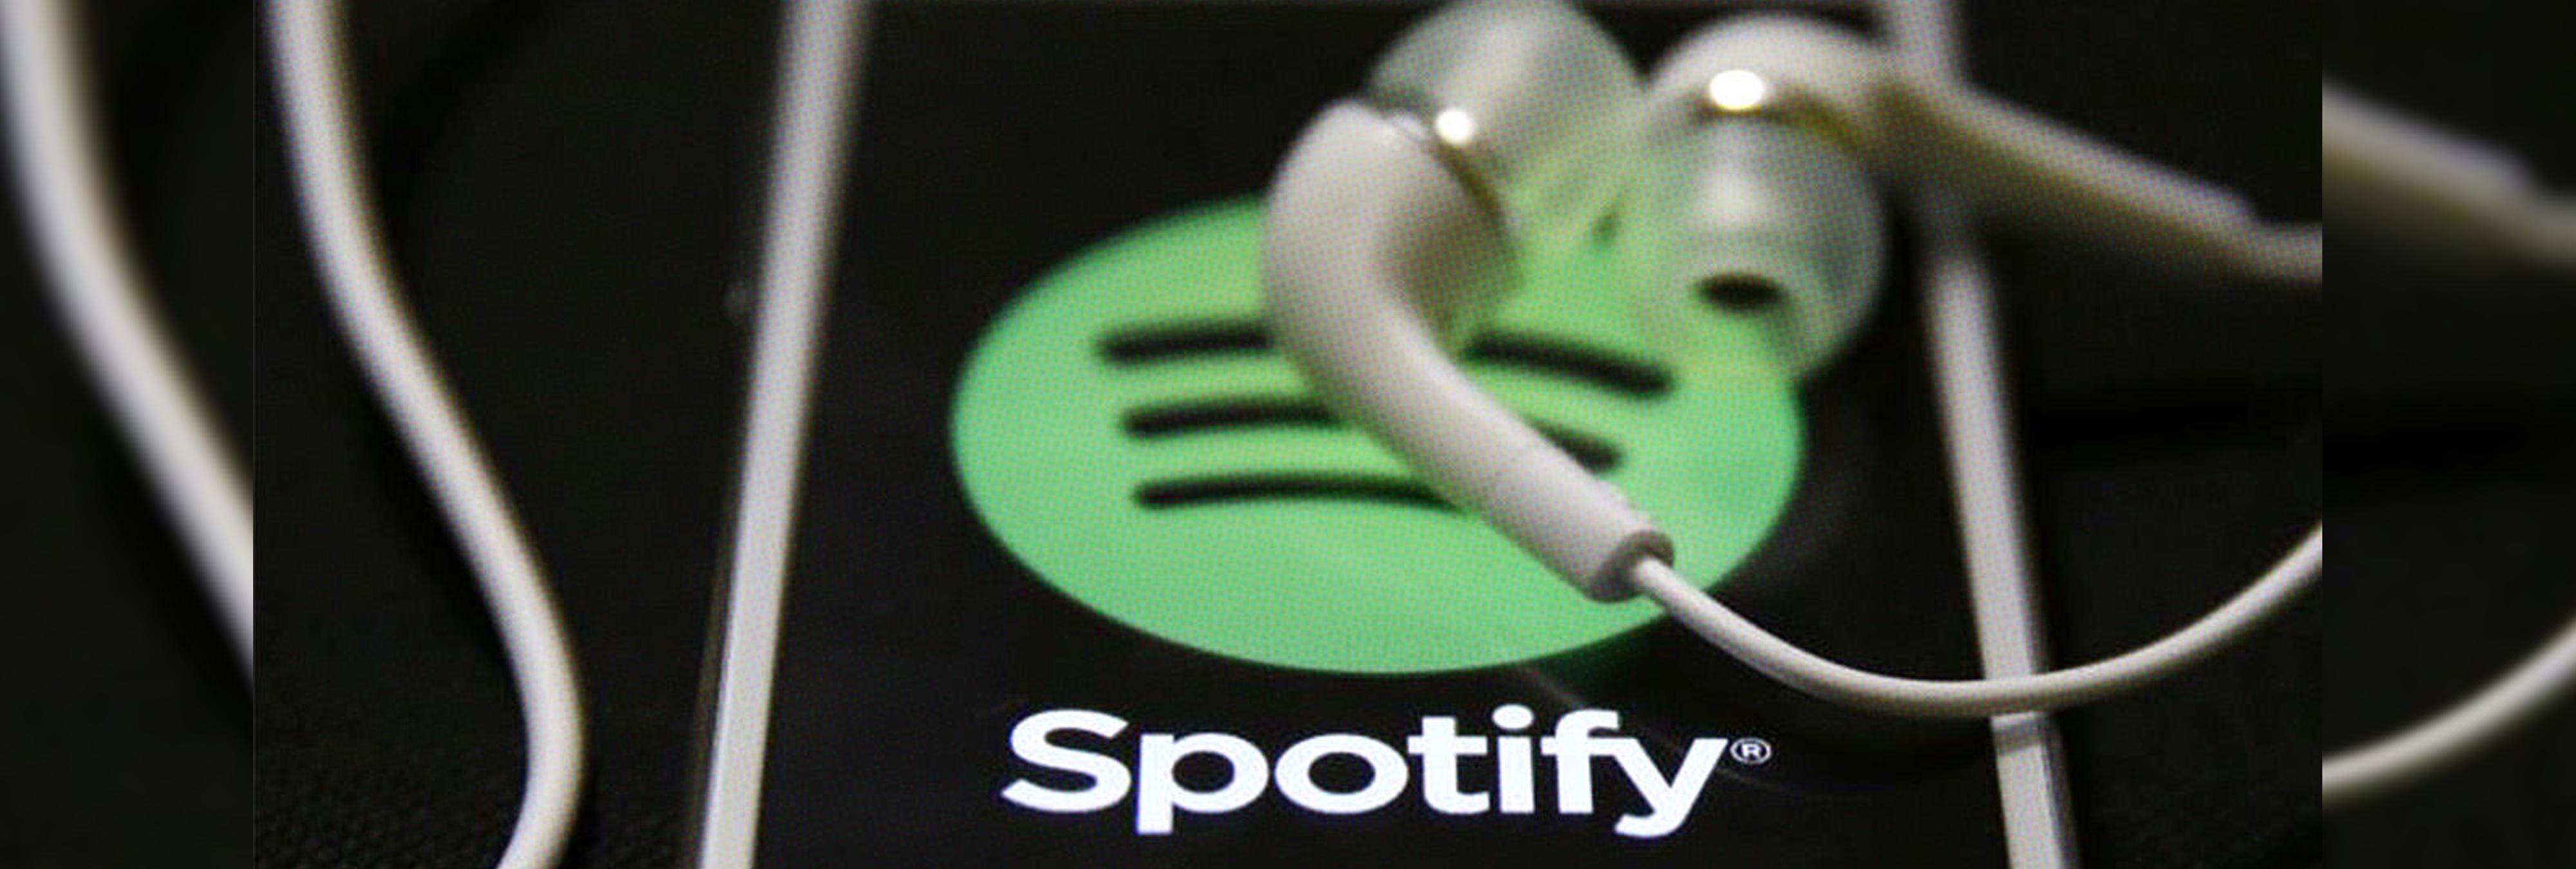 Spotify no te dejará escuchar los últimos éxitos si no pagas suscripción